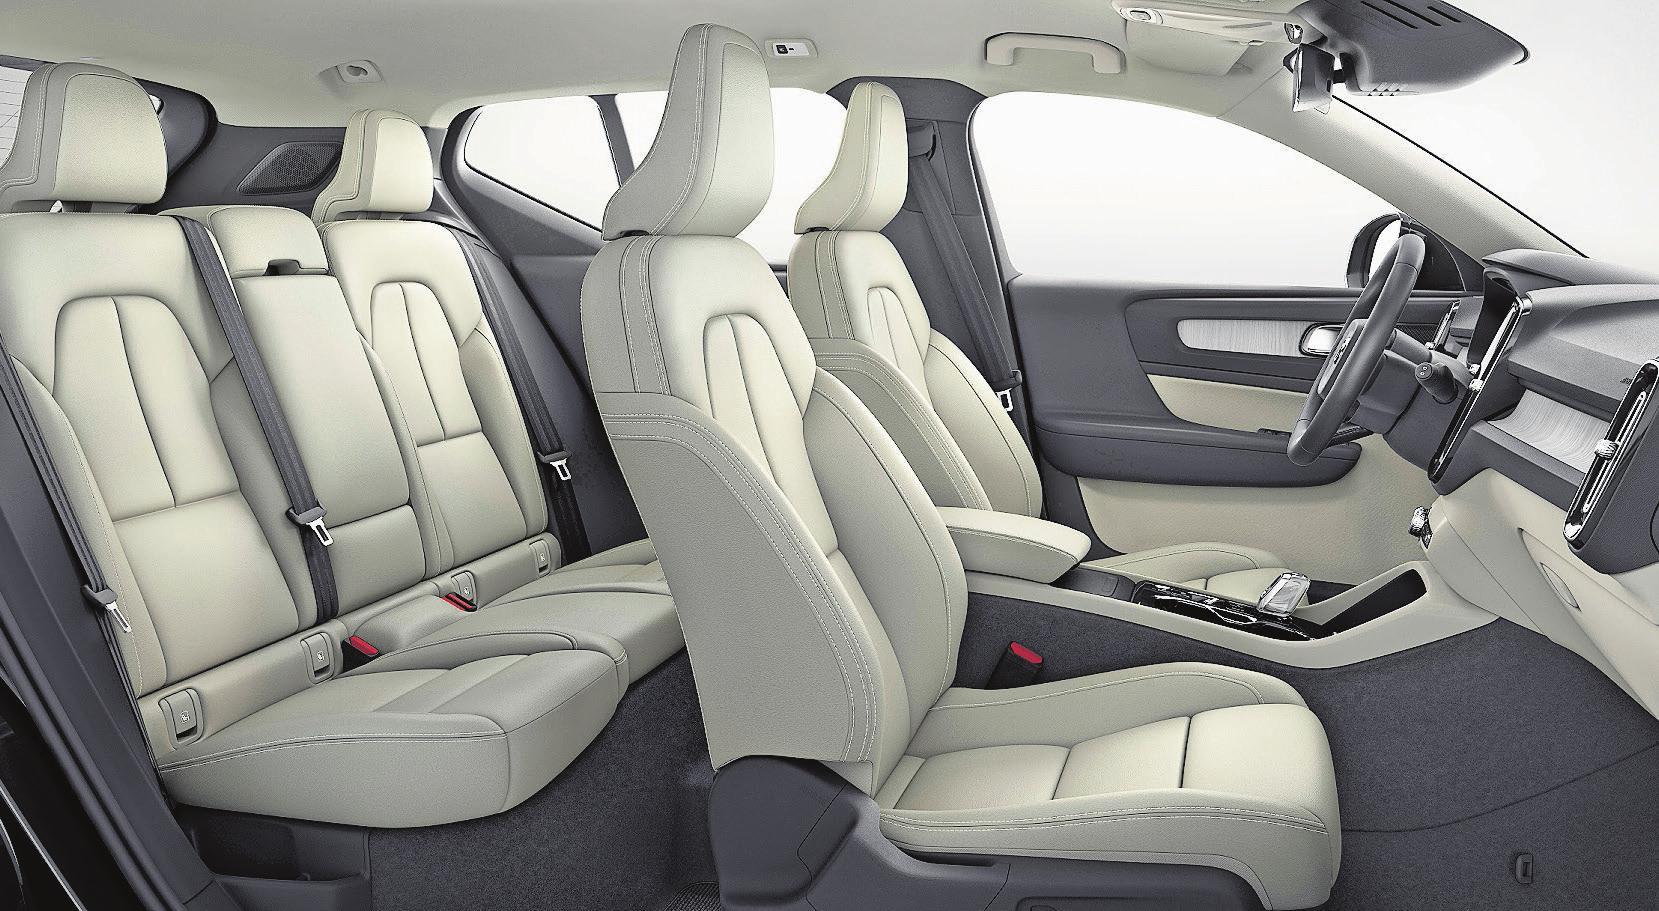 Mehr Komfort: Die höhere Karosserie der SUV erlaubt eine aufrechte und gesündere Sitzhaltung. Bild: PD